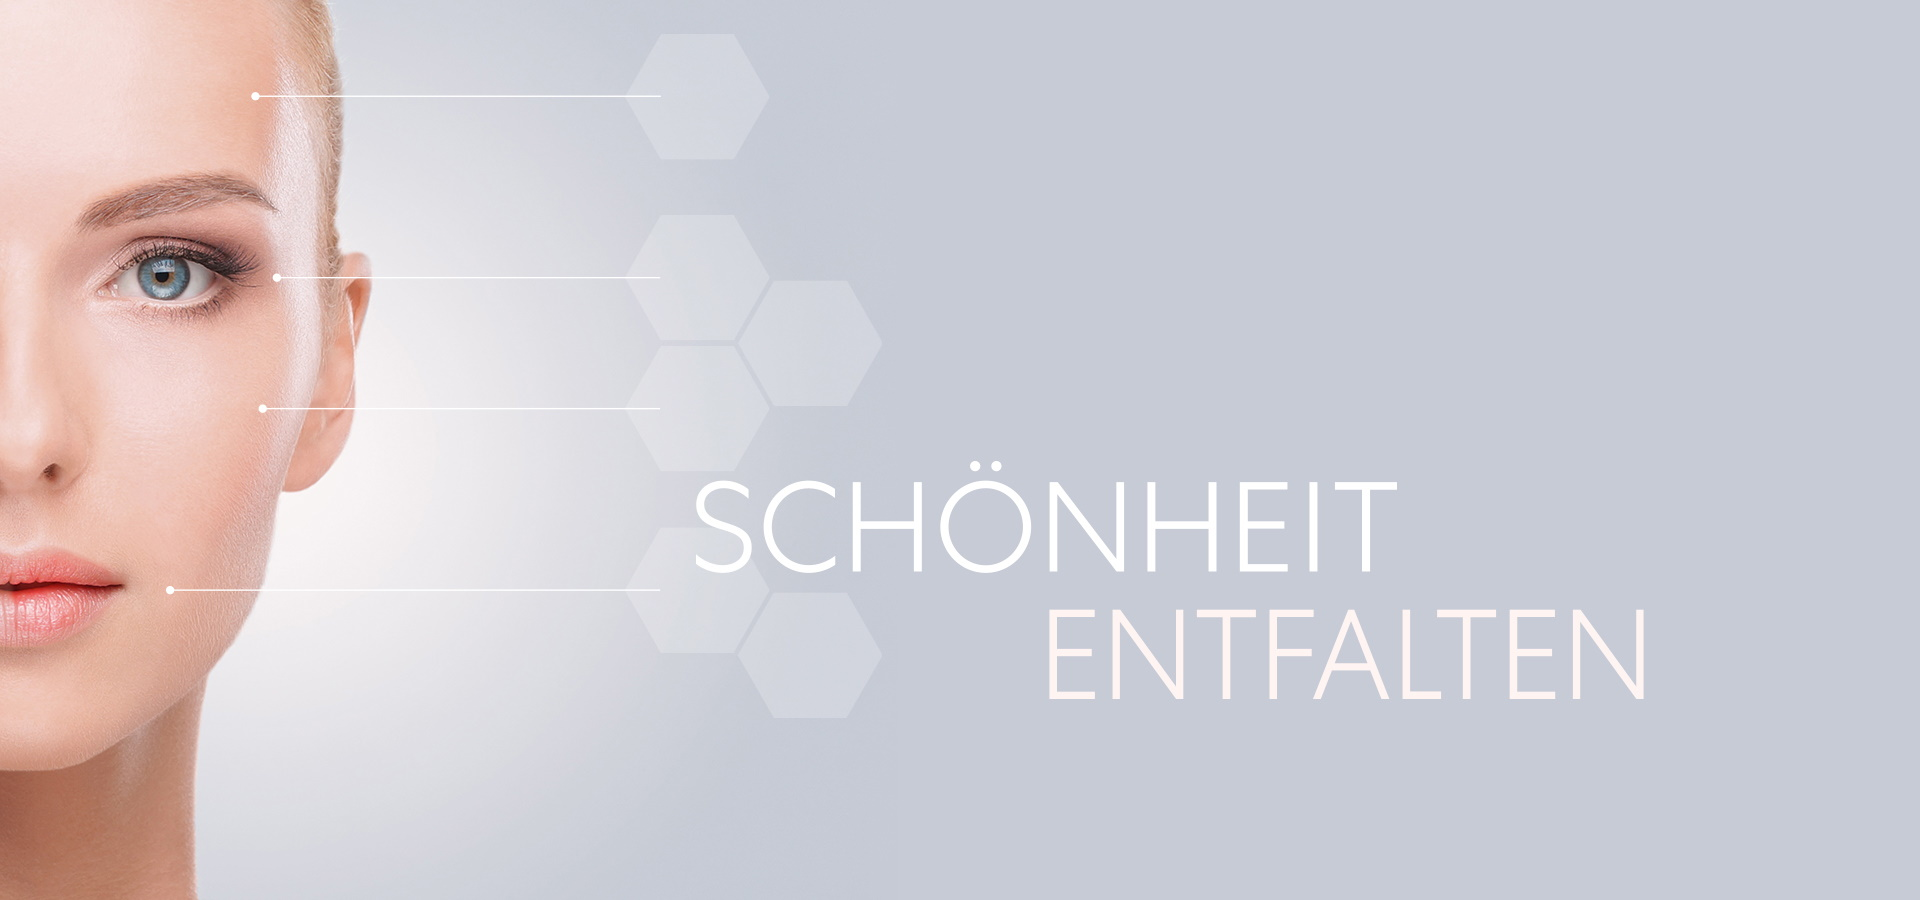 Schönheit entfalten I Sanfte Schönheits-Medizin und ästhetische Korrekturen für ein natürliches Ergebnis und Wahrung des individuellen optischen Erscheinungsbildes - Dr. Zierhofer- Tonar, Wien